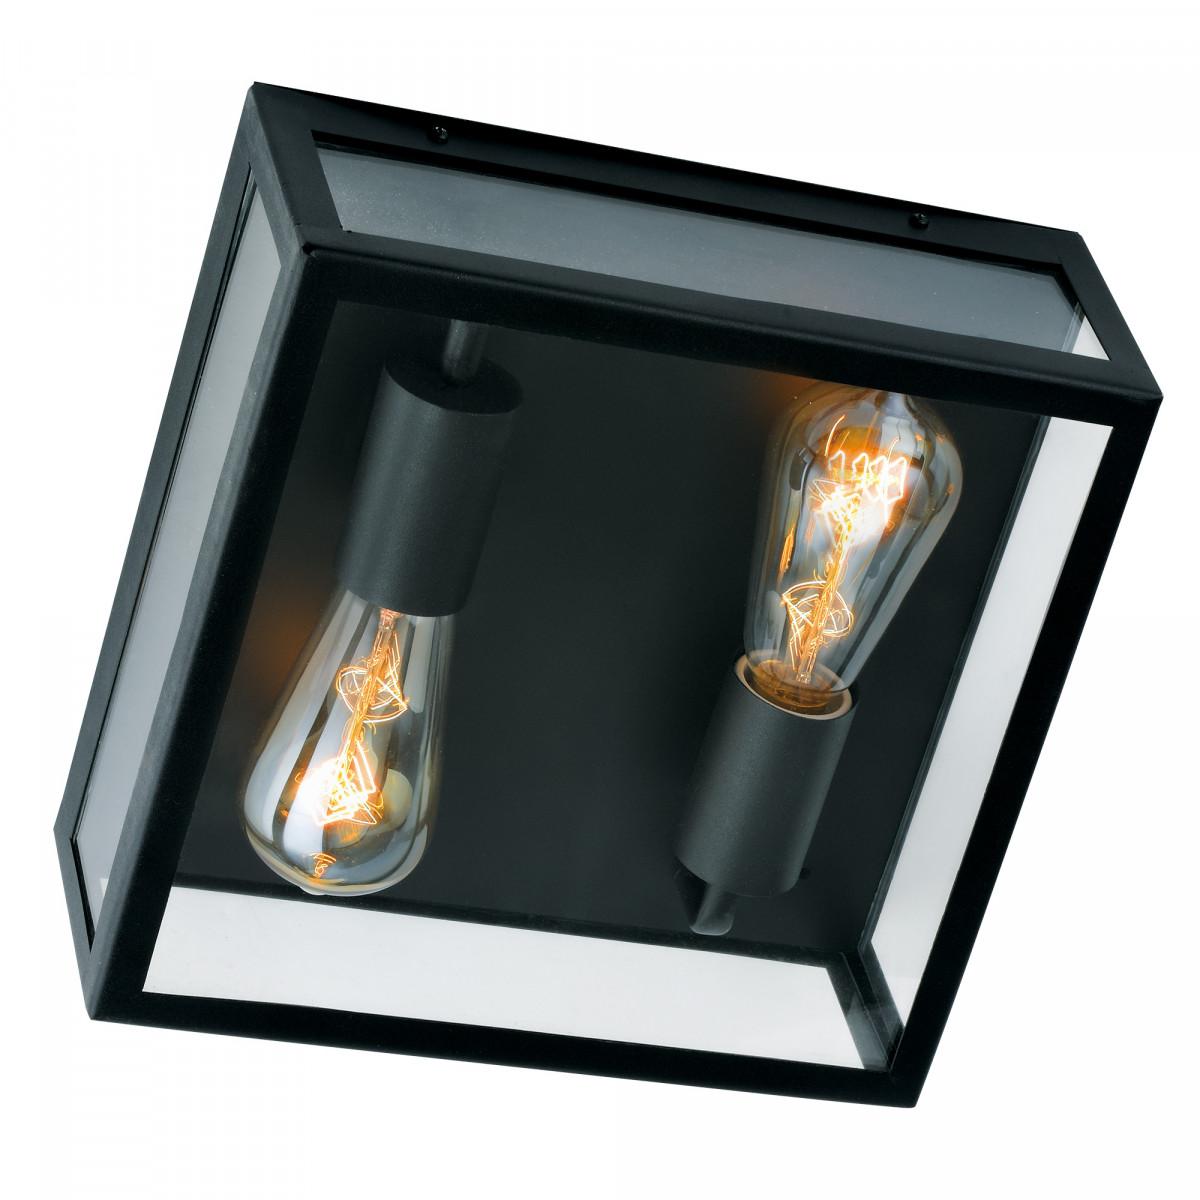 zwarte plafondlamp ook als wandlamp toepasbaar, vierkant zwarte frame, grote heldere glazen, twee zichtbare lichtbronnen, stijlvolle plaffoniere